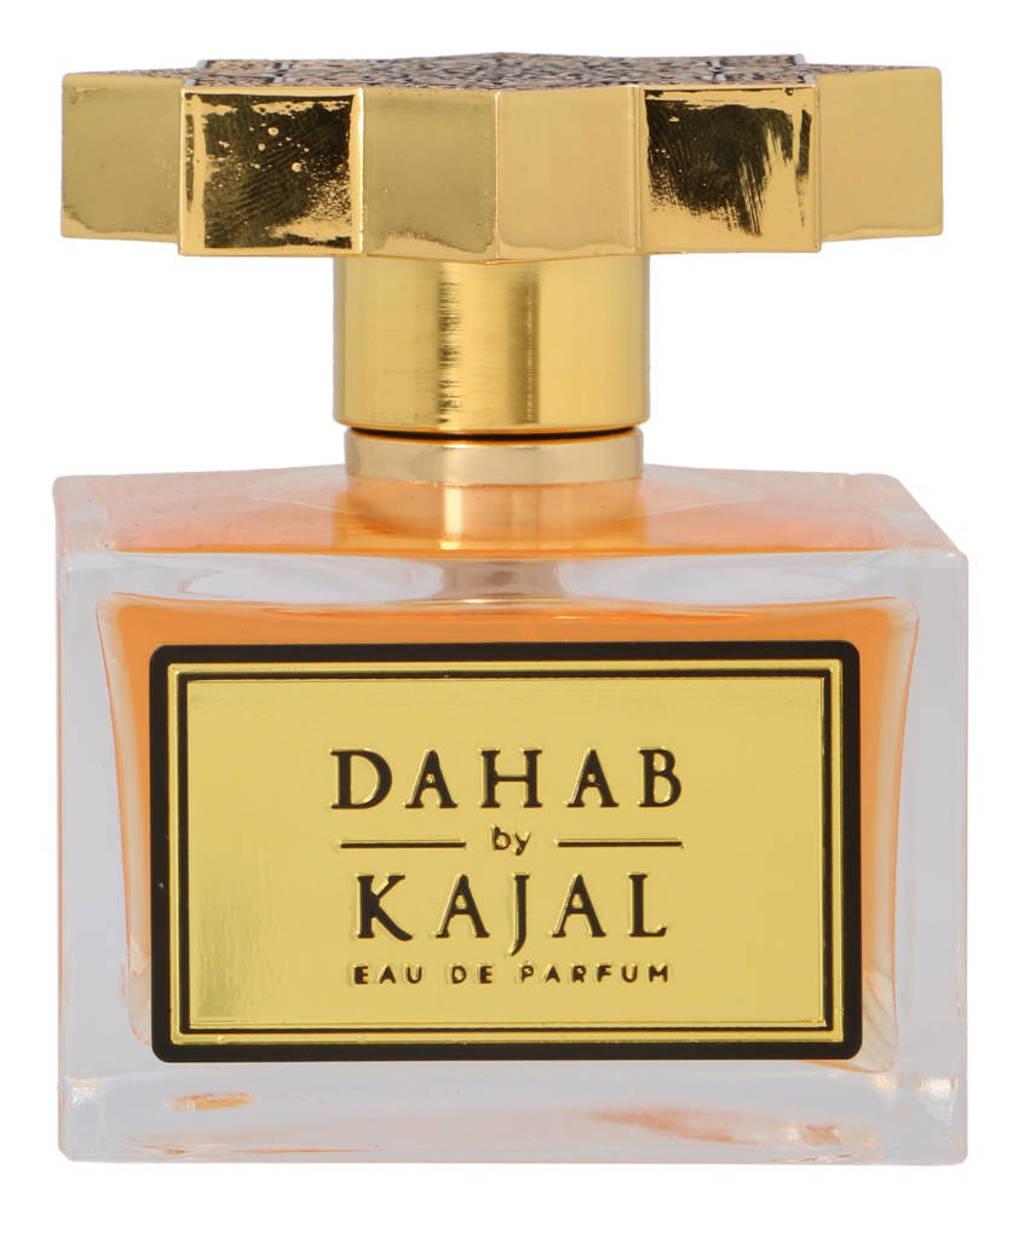 Kajal Dahab eau de parfum - 100 ml